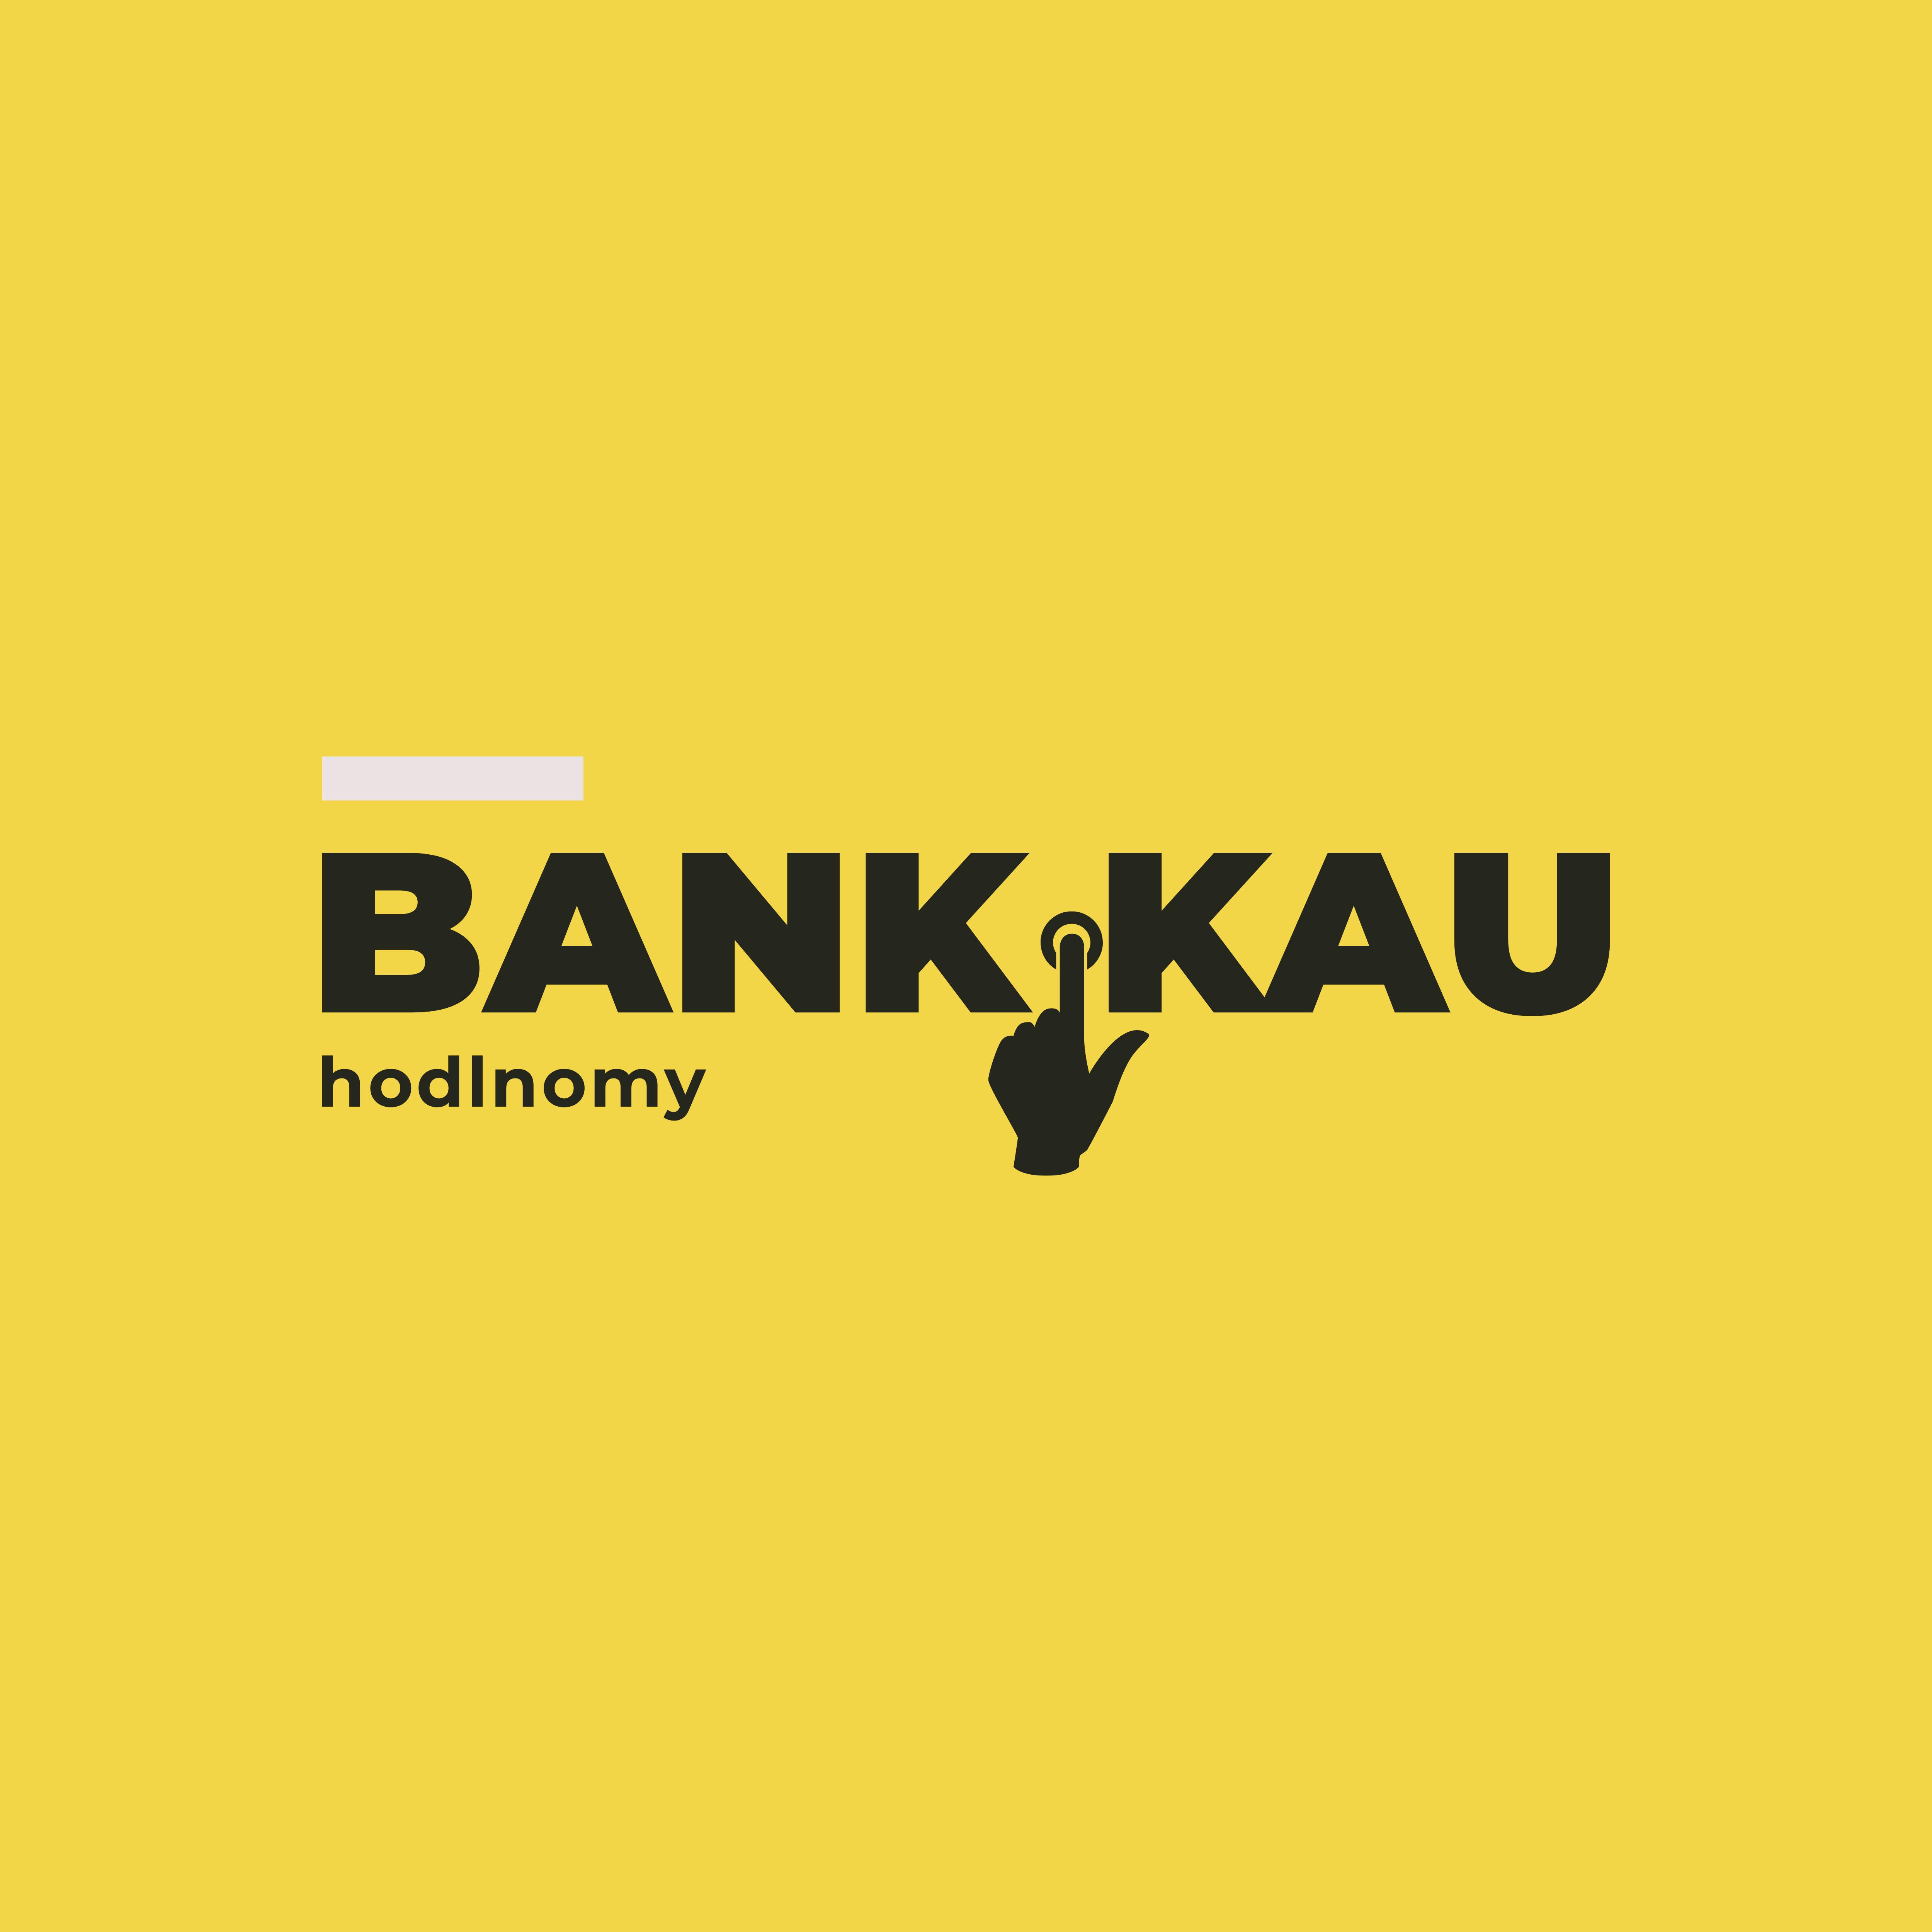 BankkauOriginal